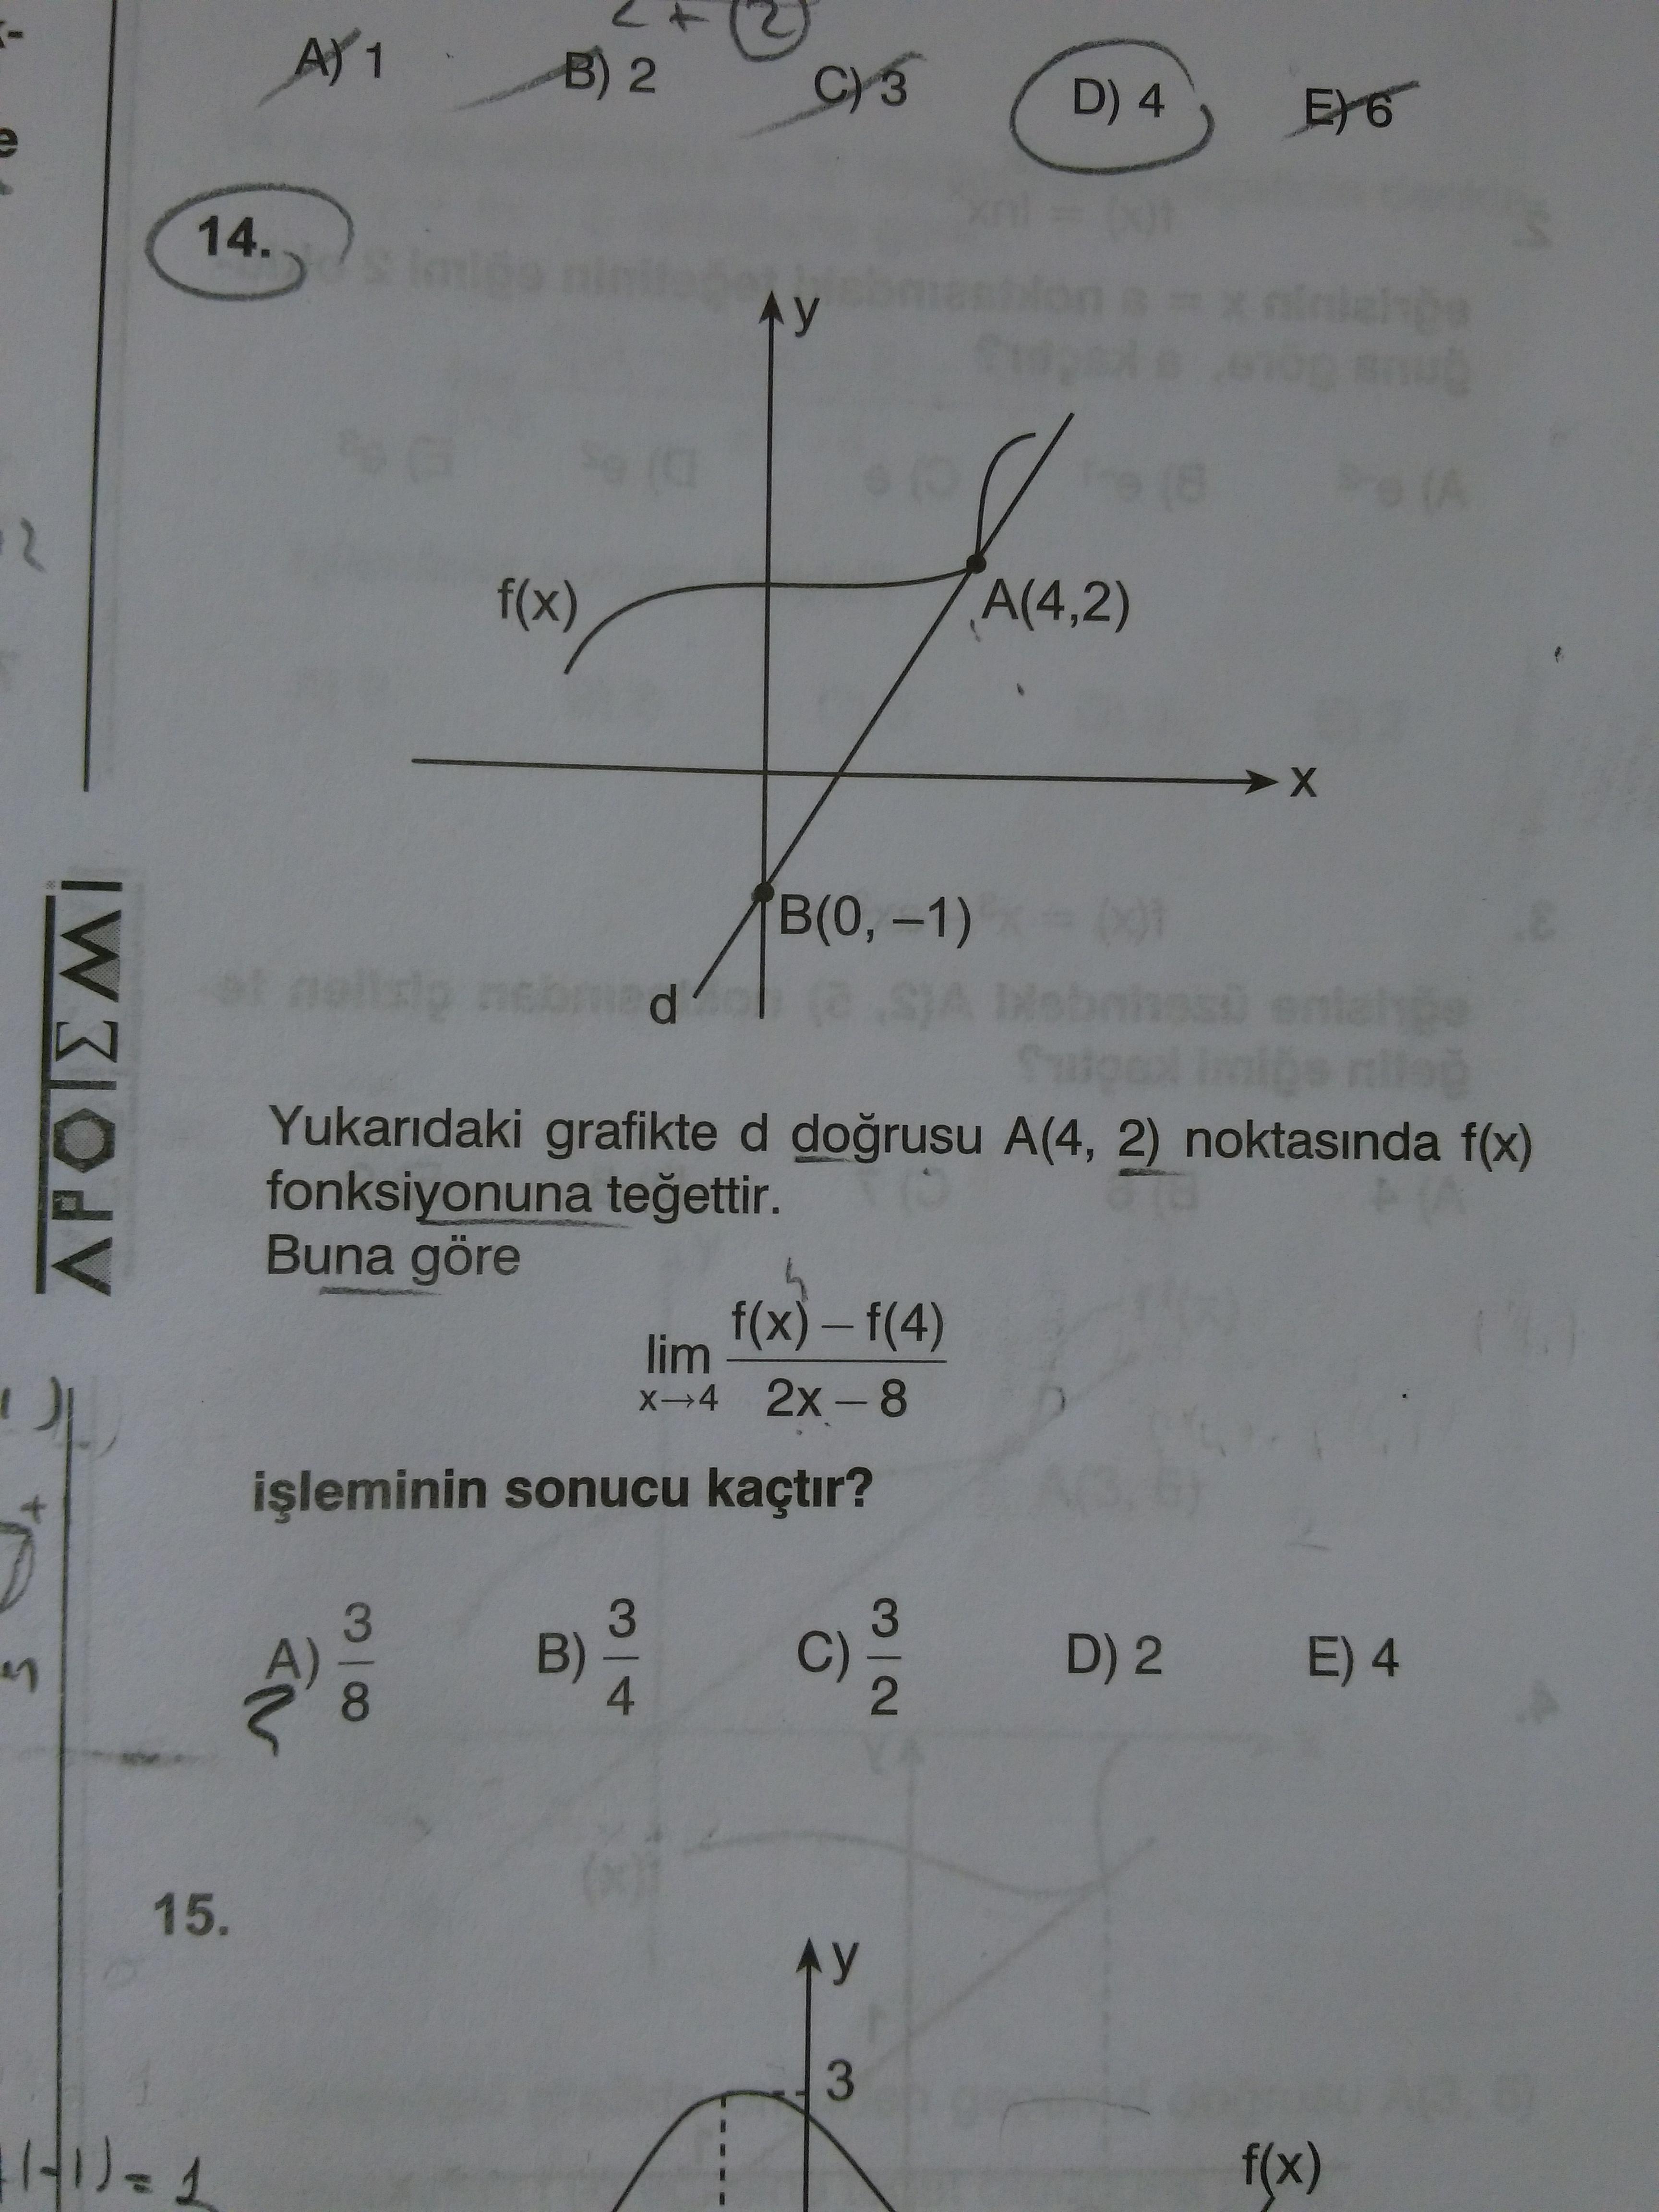 Turev (limit)